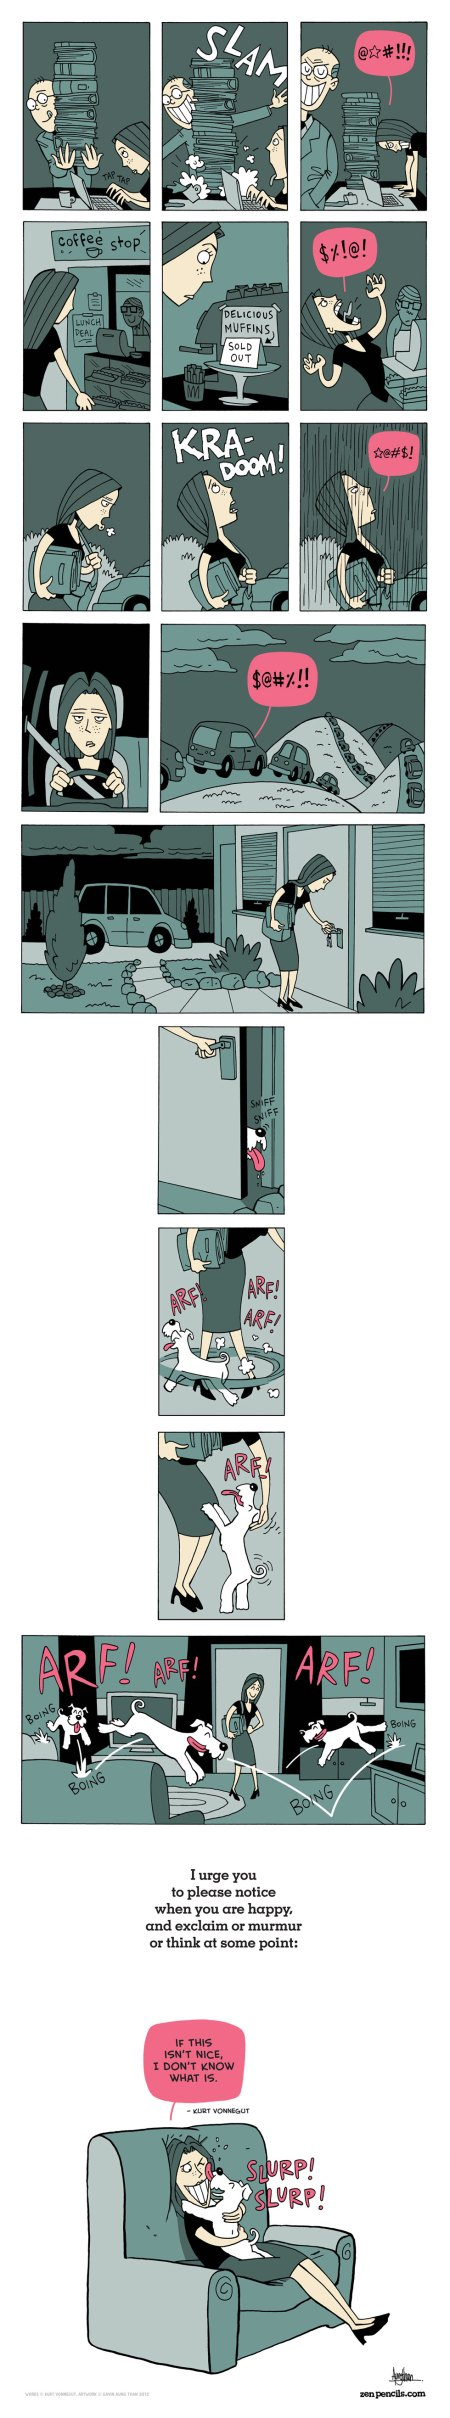 2012-03-21-KURT-VONNEGUT